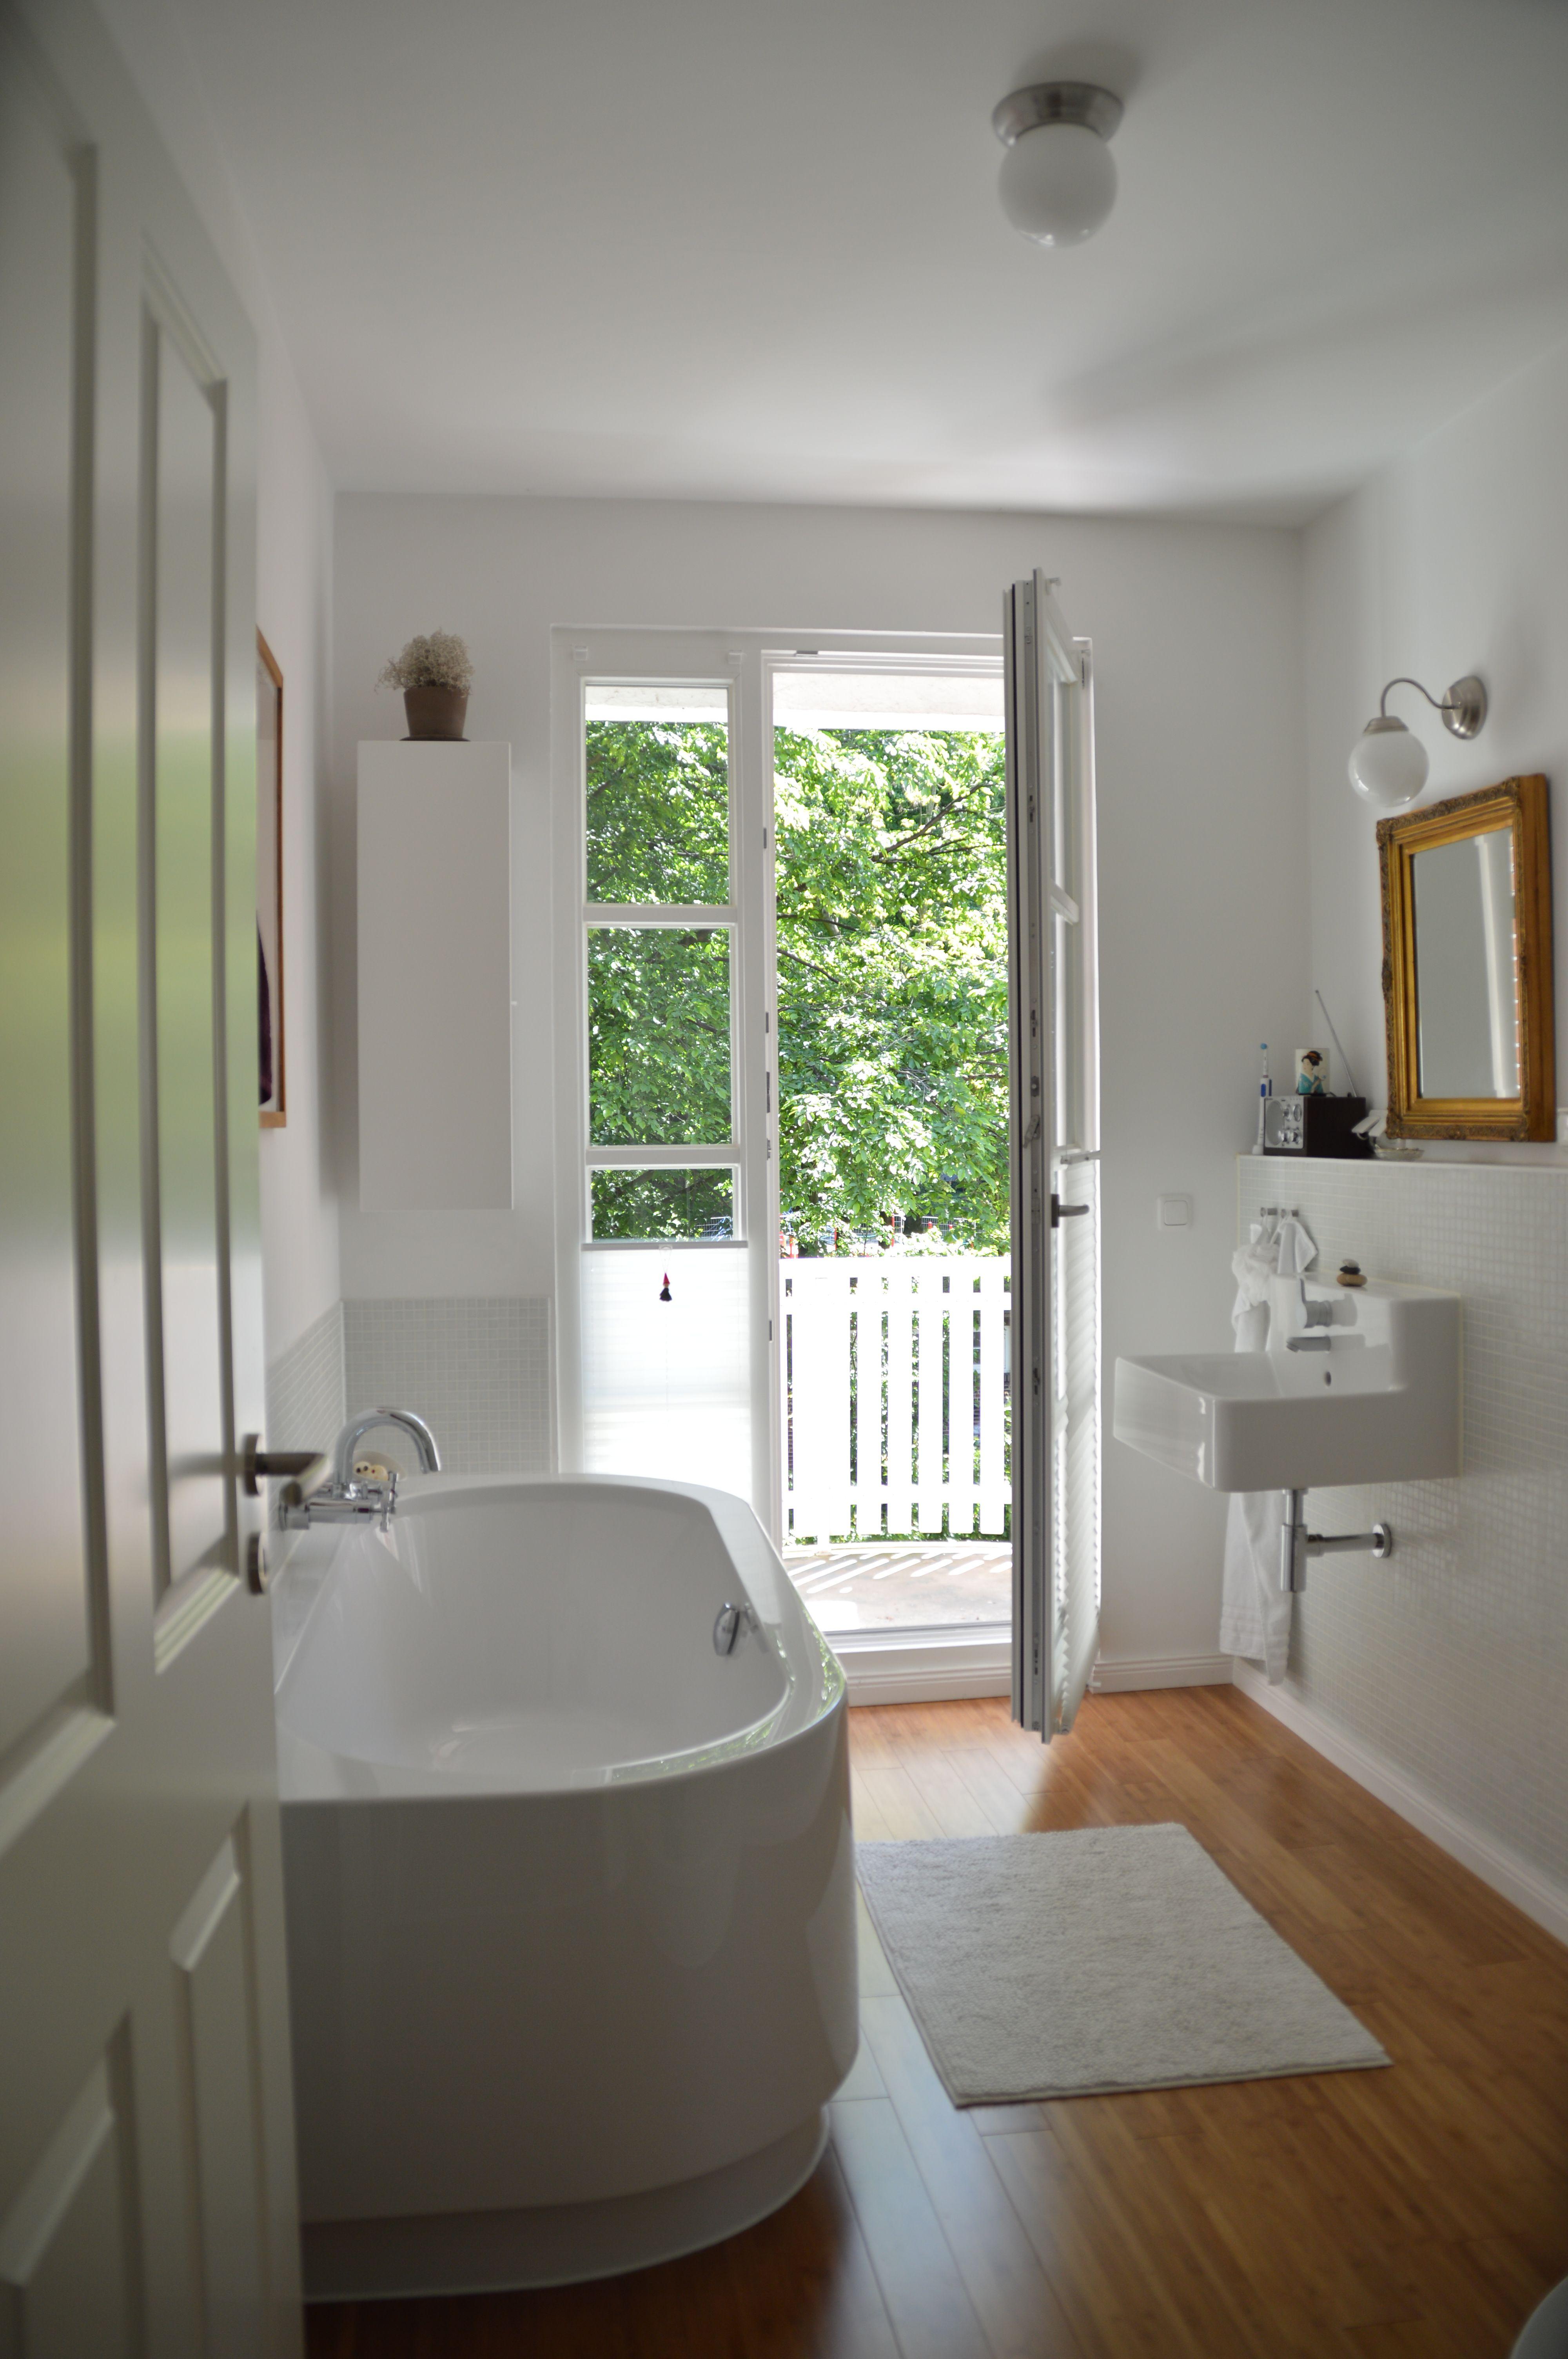 Die schönsten Badezimmer Ideen | Bilder ideen, Schöne badezimmer und ...